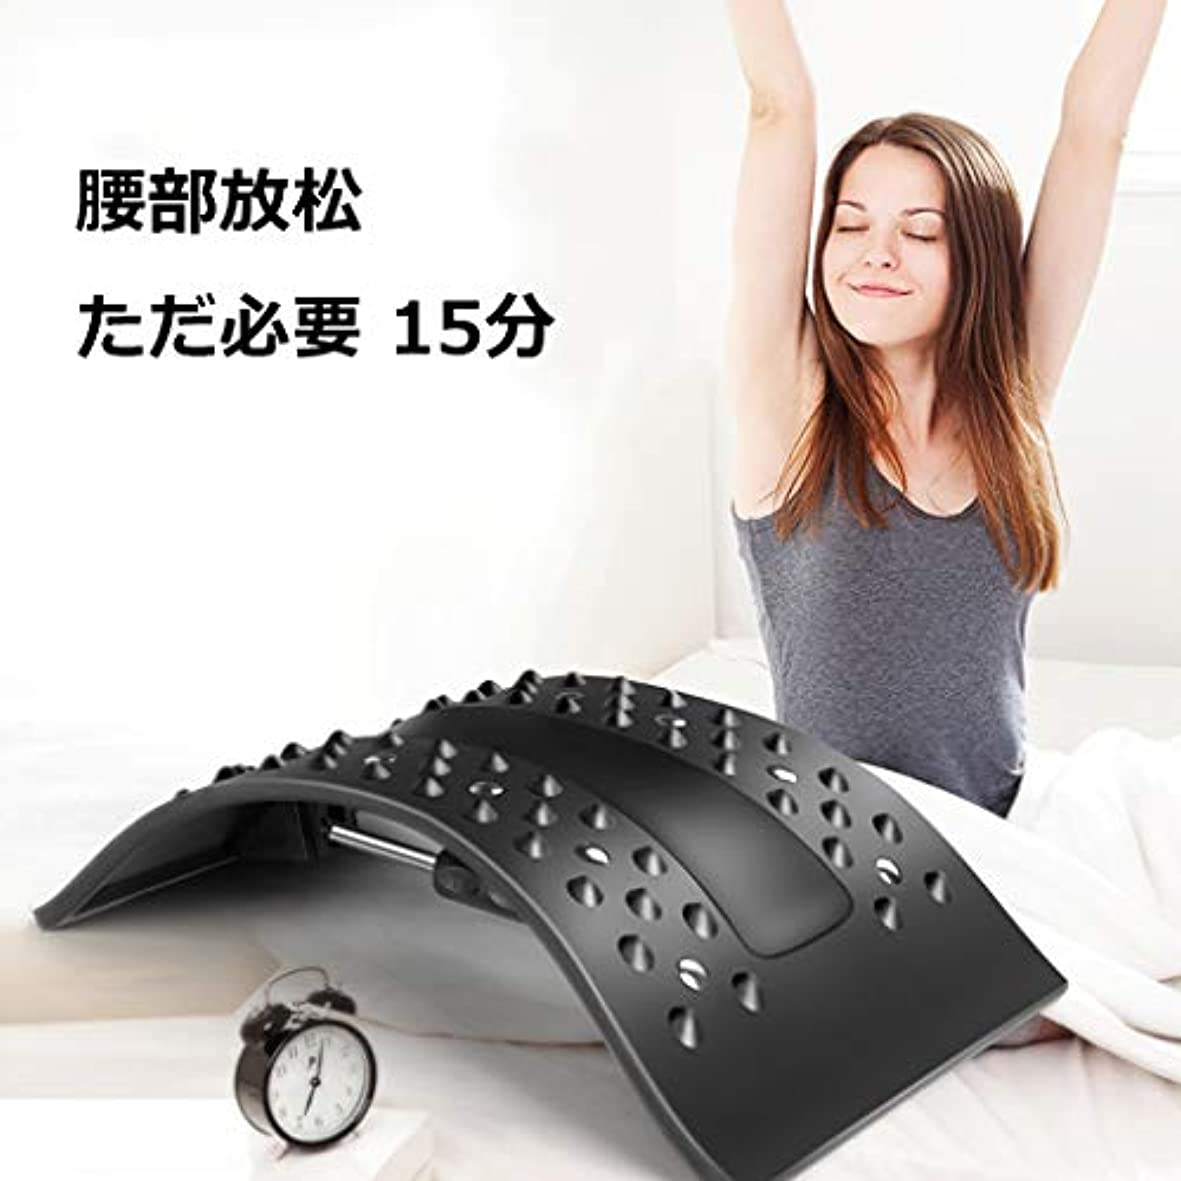 ラメ迷惑知覚する磁気バックマッサージマッスルストレッチャー姿勢矯正ストレッチリラックスストレッチャー腰椎サポート脊椎の痛みを和らげるカイロプラクティック